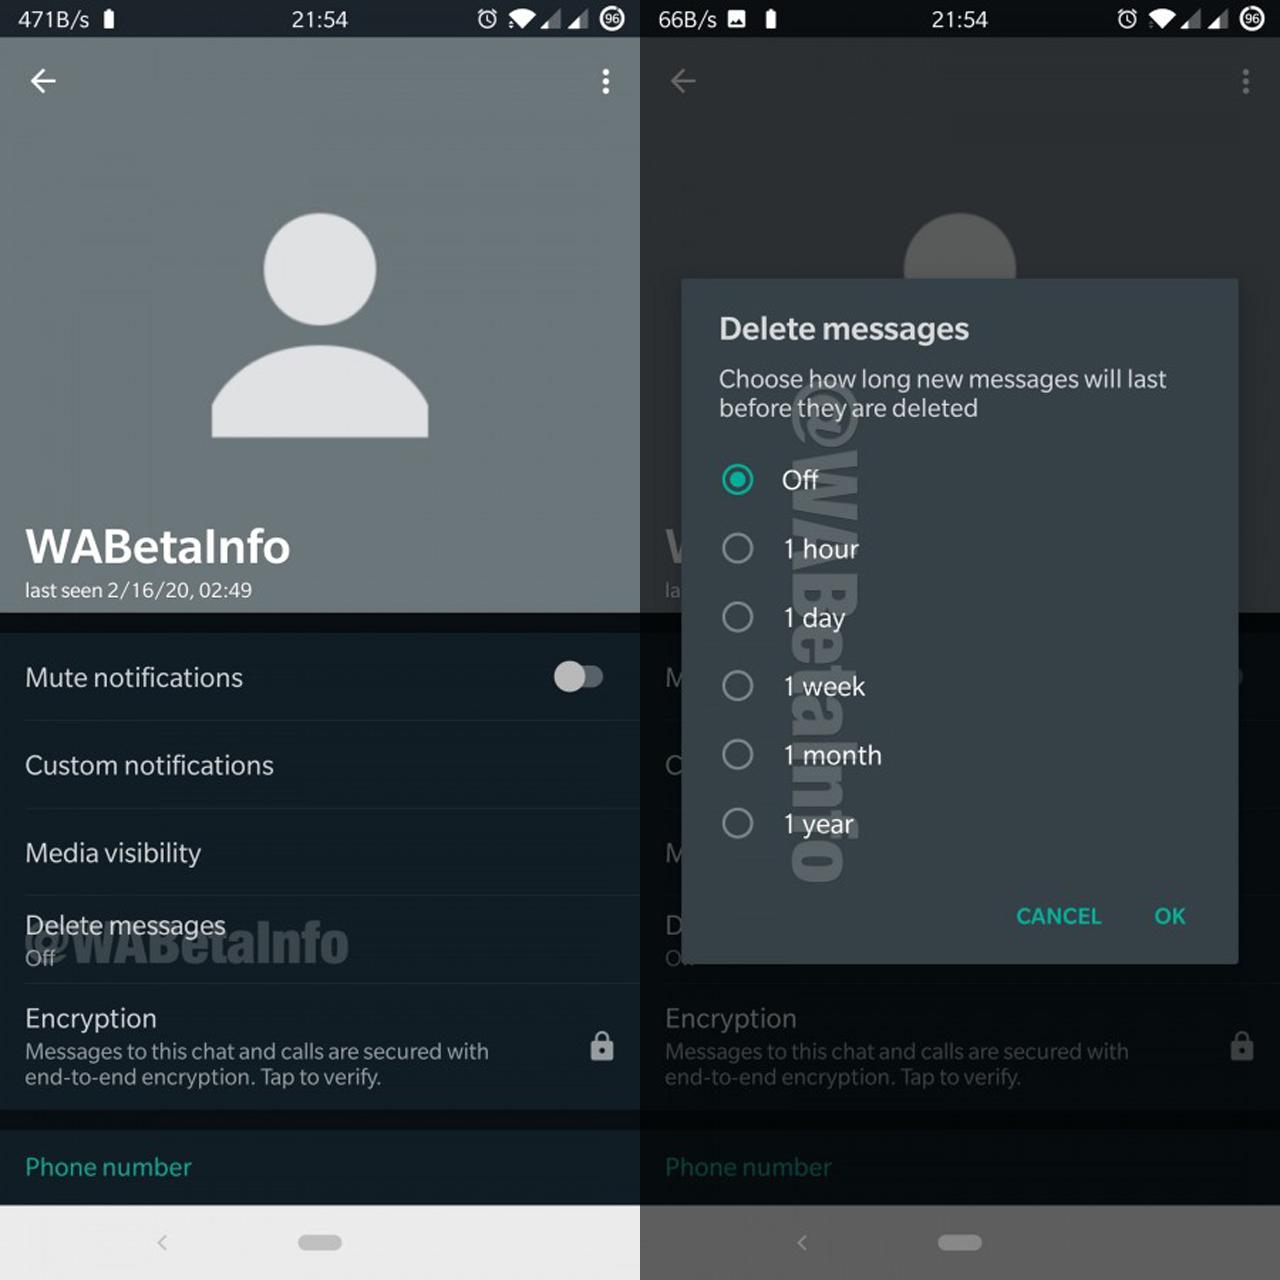 WhatsApp voi kirjoittaa väliaikaisia chat-viestejä 1